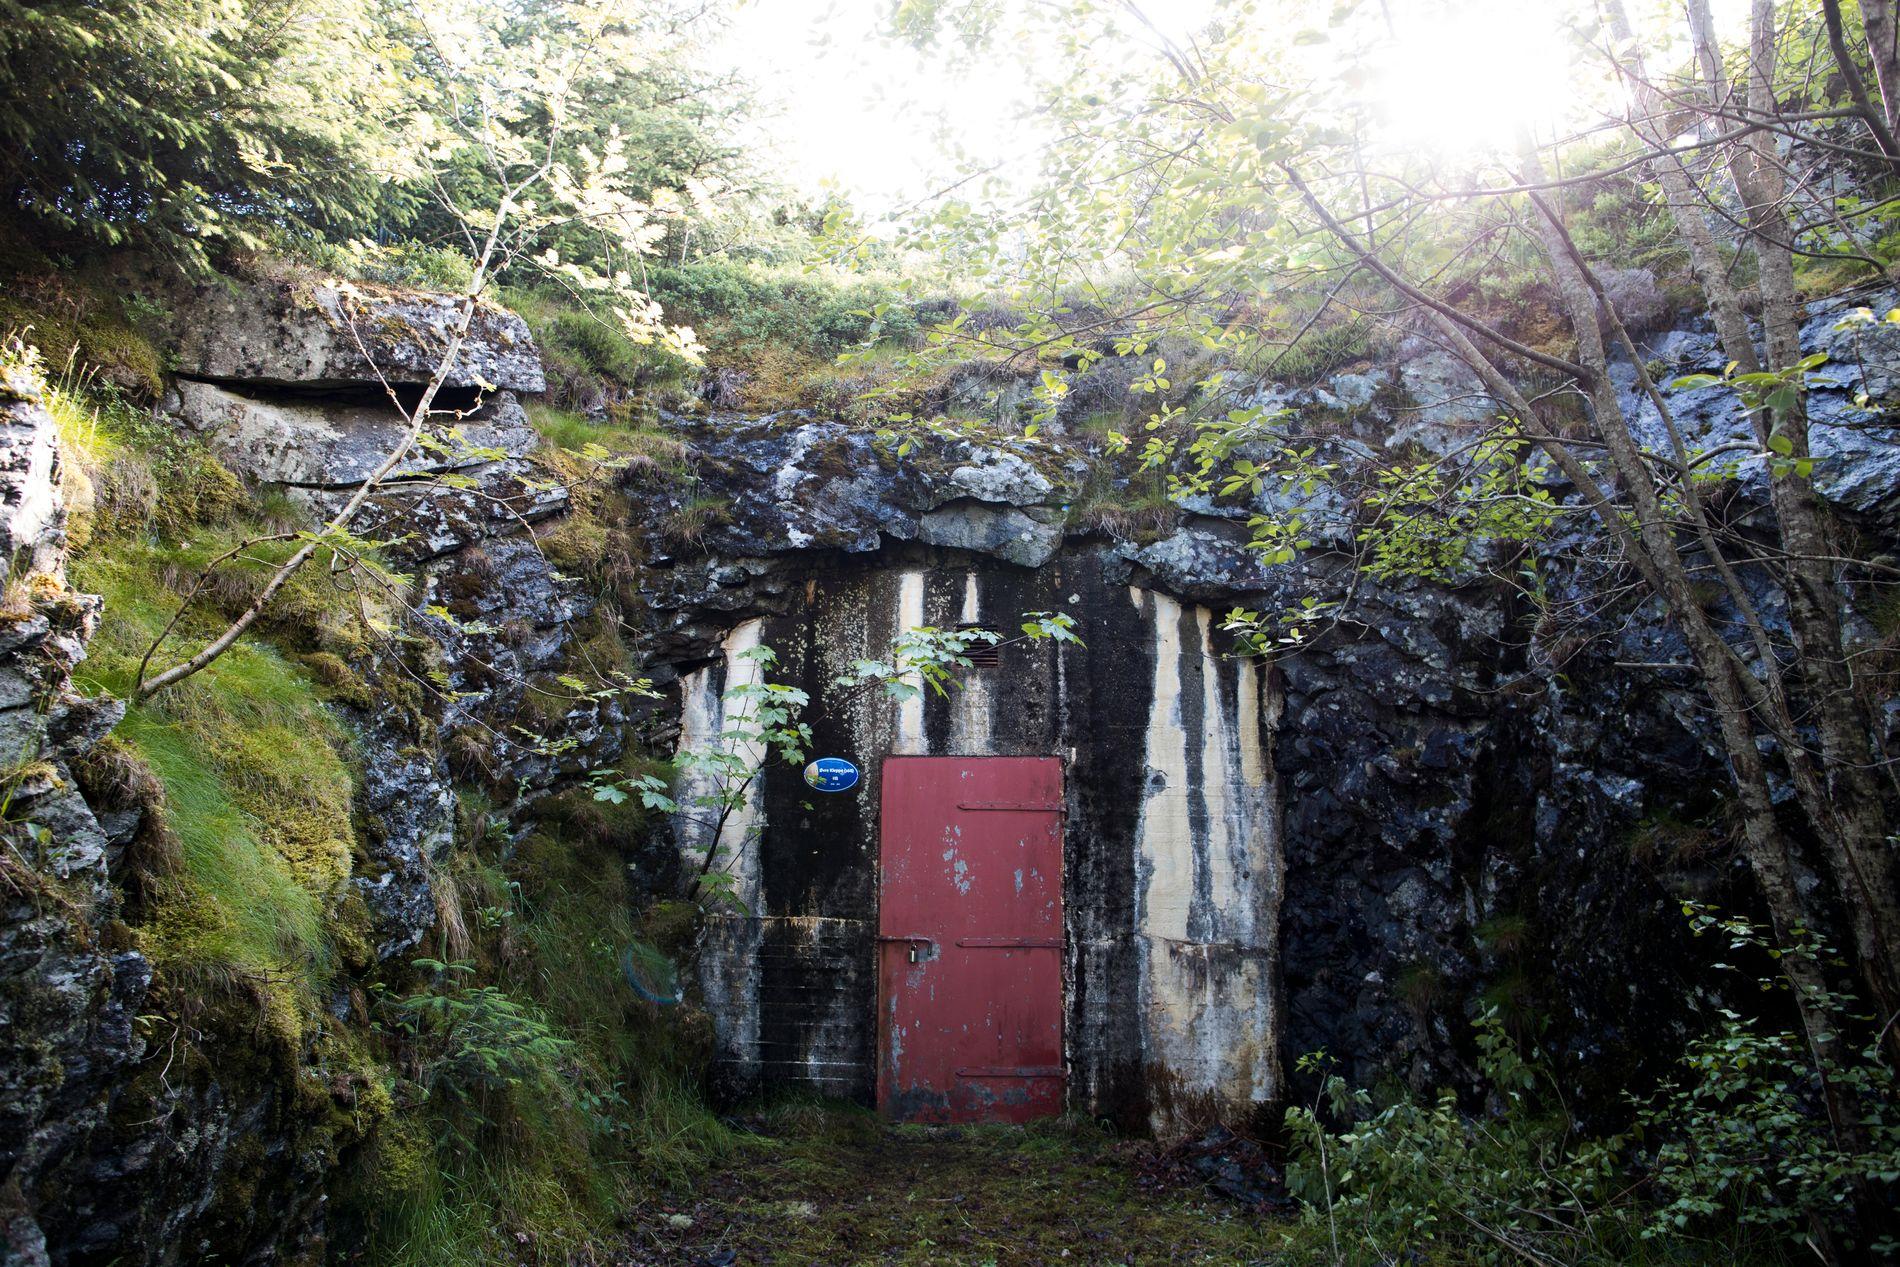 VANNVERKET: Kleppe vannverk i Askøy kommune. I ett av vannverkets fjellbasseng er det påvist E.coli.